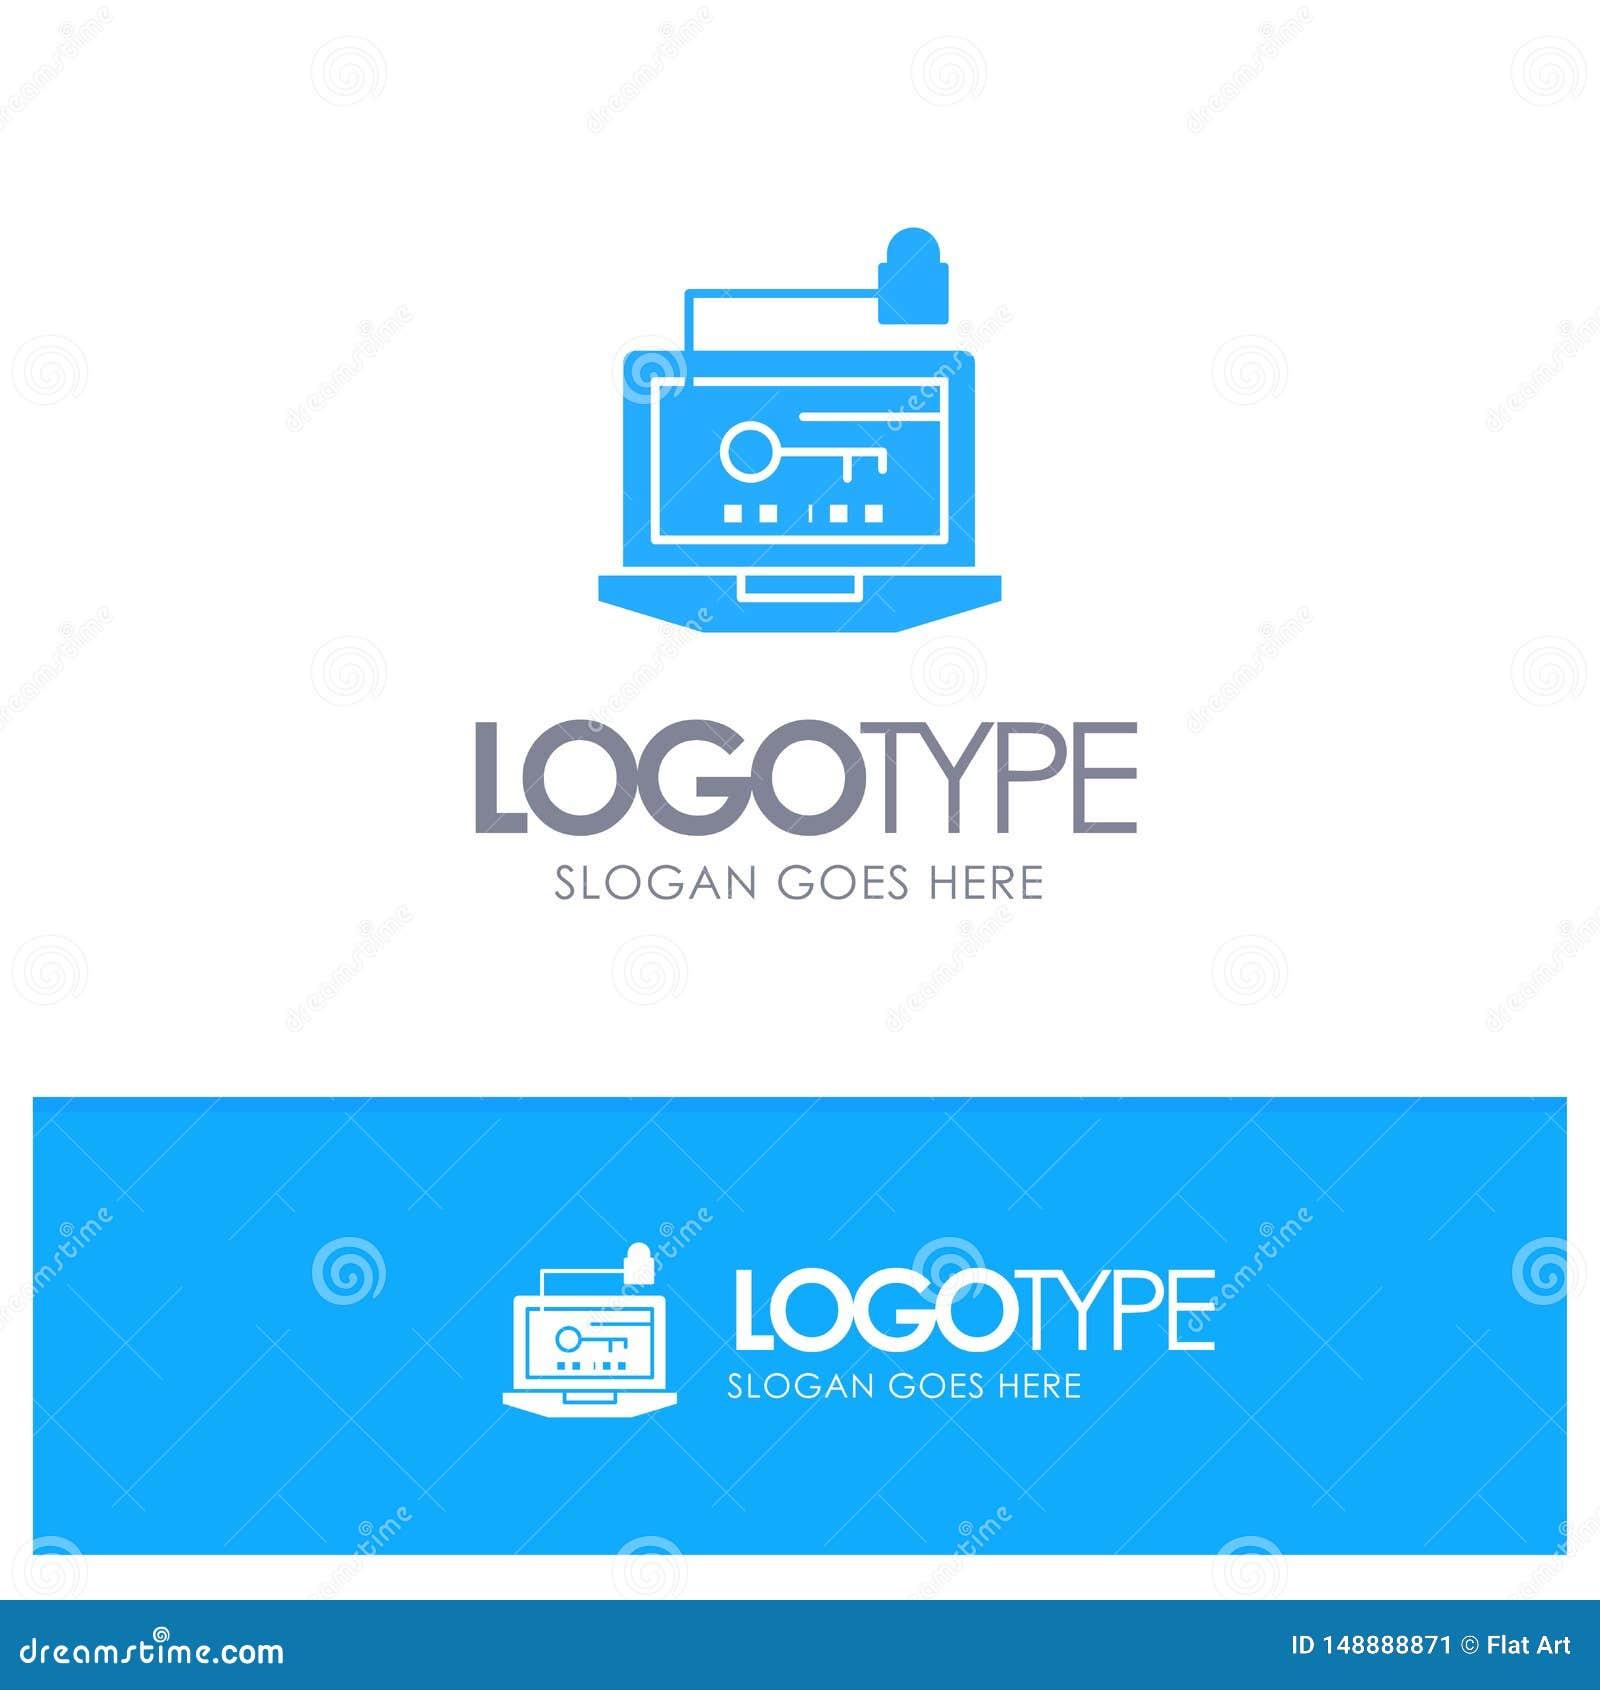 Acceso, ordenador, hardware, llave, logotipo sólido azul del ordenador portátil con el lugar para el tagline